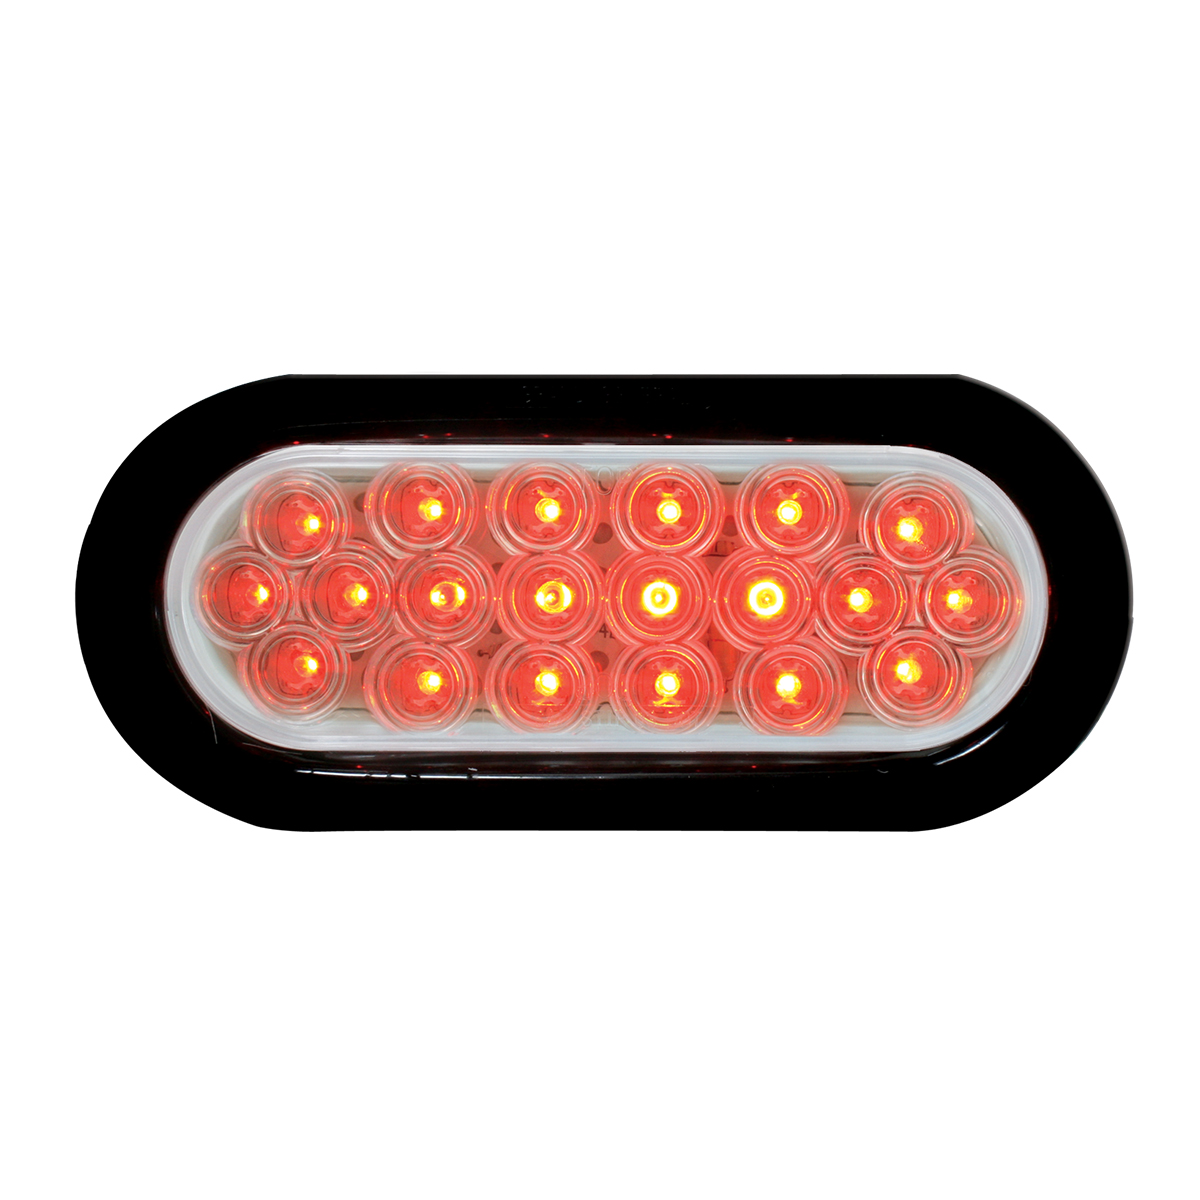 87727 Oval Fleet LED Light w/ Black Rubber Grommet